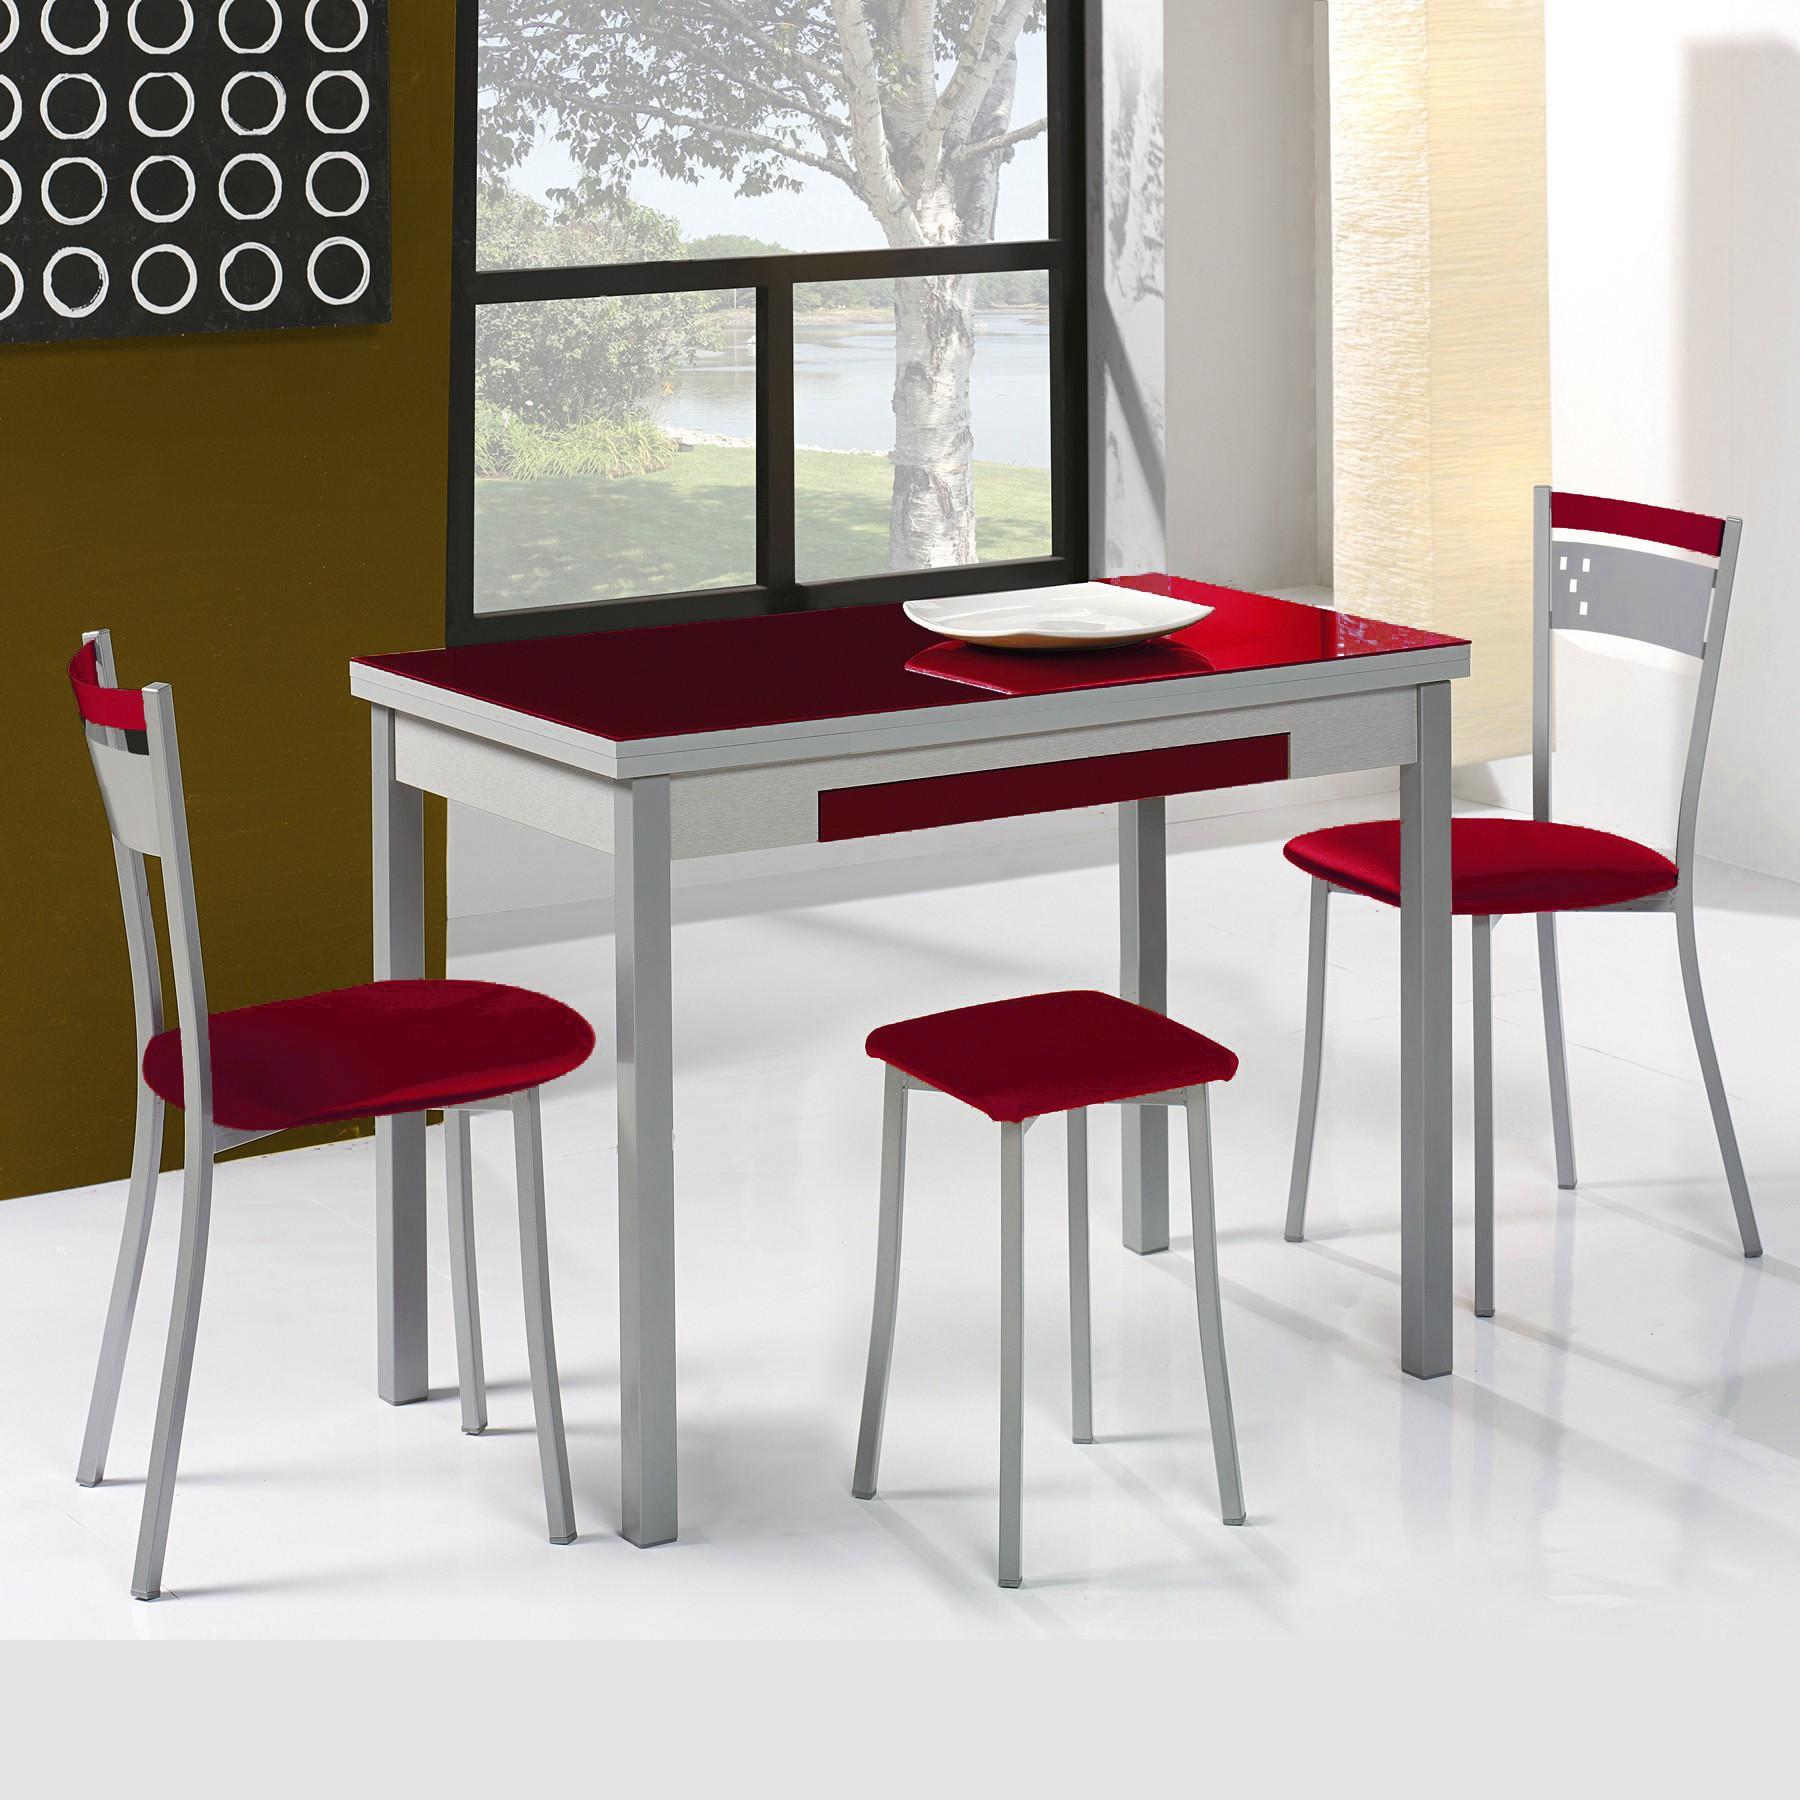 Mesa de cocina con alas extensibles modelo a - Mesas plegables para cocinas pequenas ...